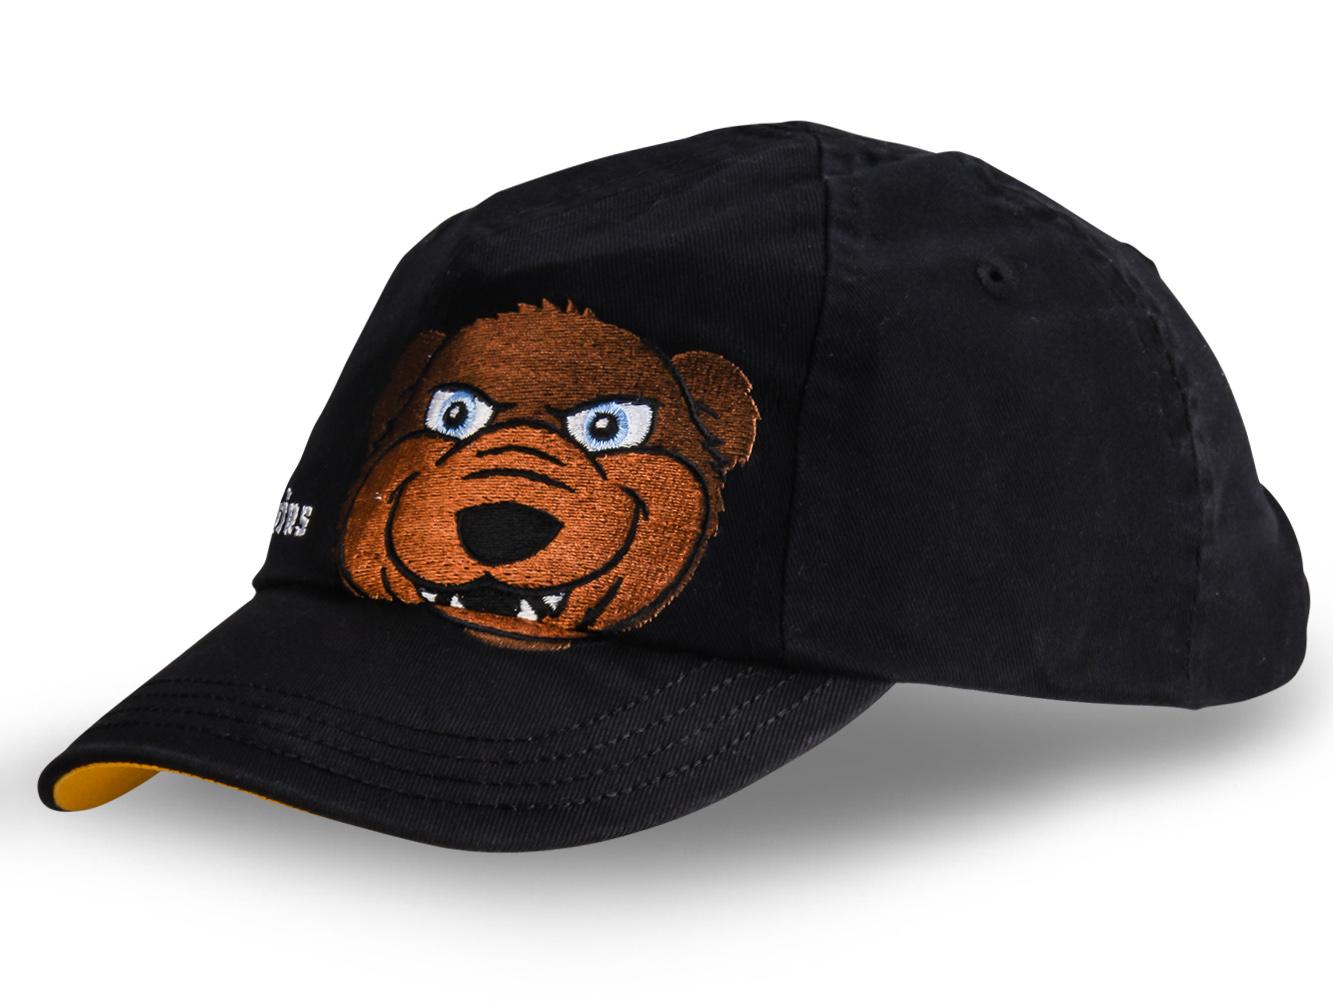 Кепка с медведем - купить в интернет-магазине с доставкой